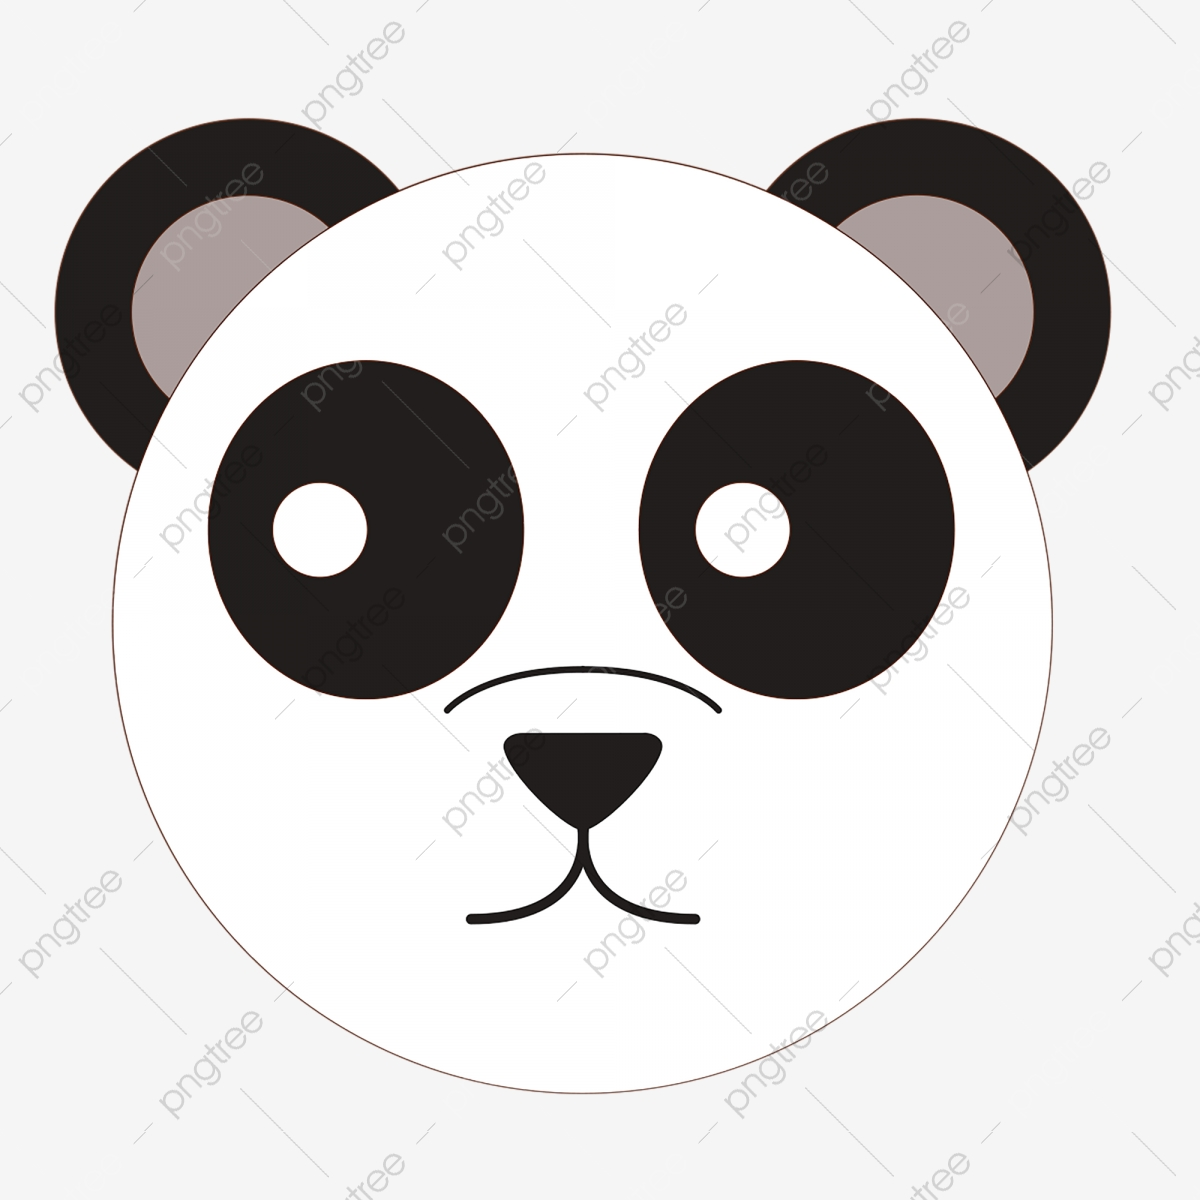 Gambar Kartun Panda Hitam Dan Putih Avatar Panda Comel Panda Gambar Panda Gambar Percuma Panda Kartun Kepala Ilustrasi Percuma Kartun Panda Hitam Dan Putih Kartun Panda Kartun Kepala Ilustrasi Percuma Png Dan